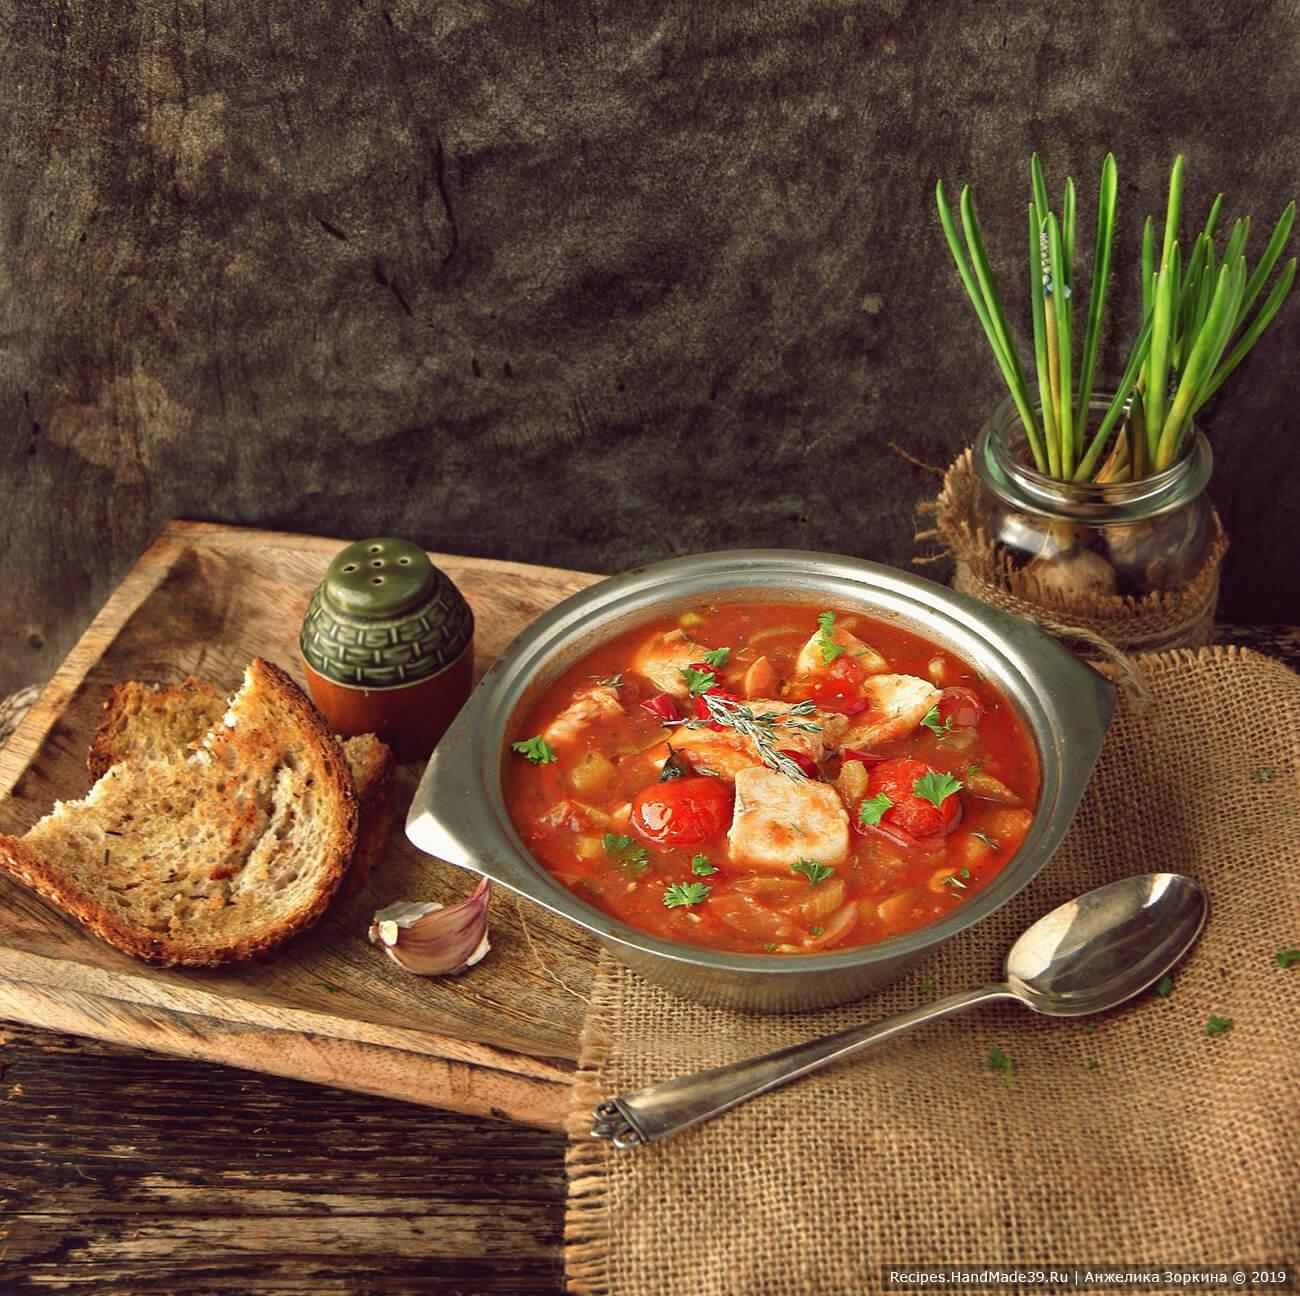 Томатный рыбный суп по-итальянски – пошаговый кулинарный рецепт с фото